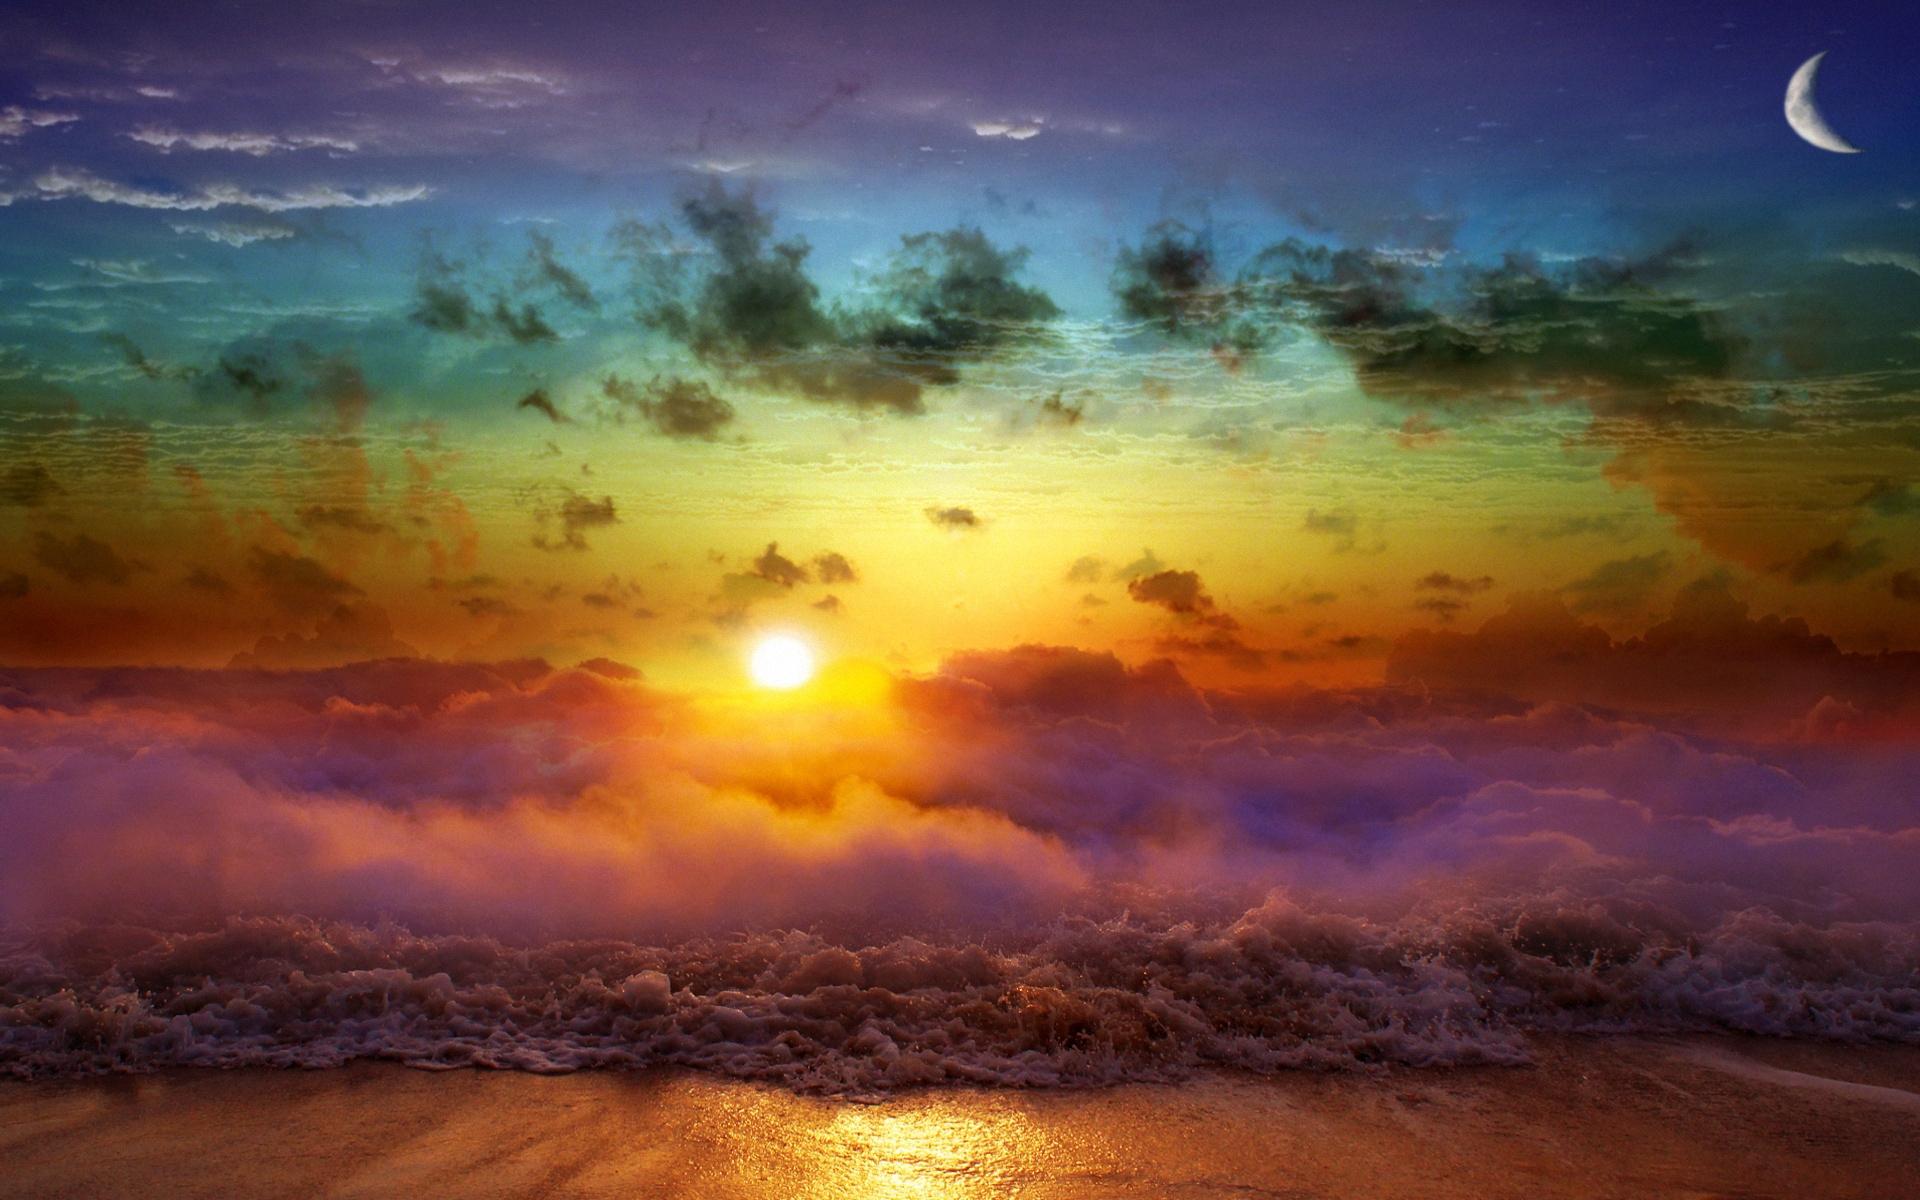 Wallpaper Moon, Sun, Decline, Evening, Merge, Day, - Rainbow Sky Facebook Cover - HD Wallpaper